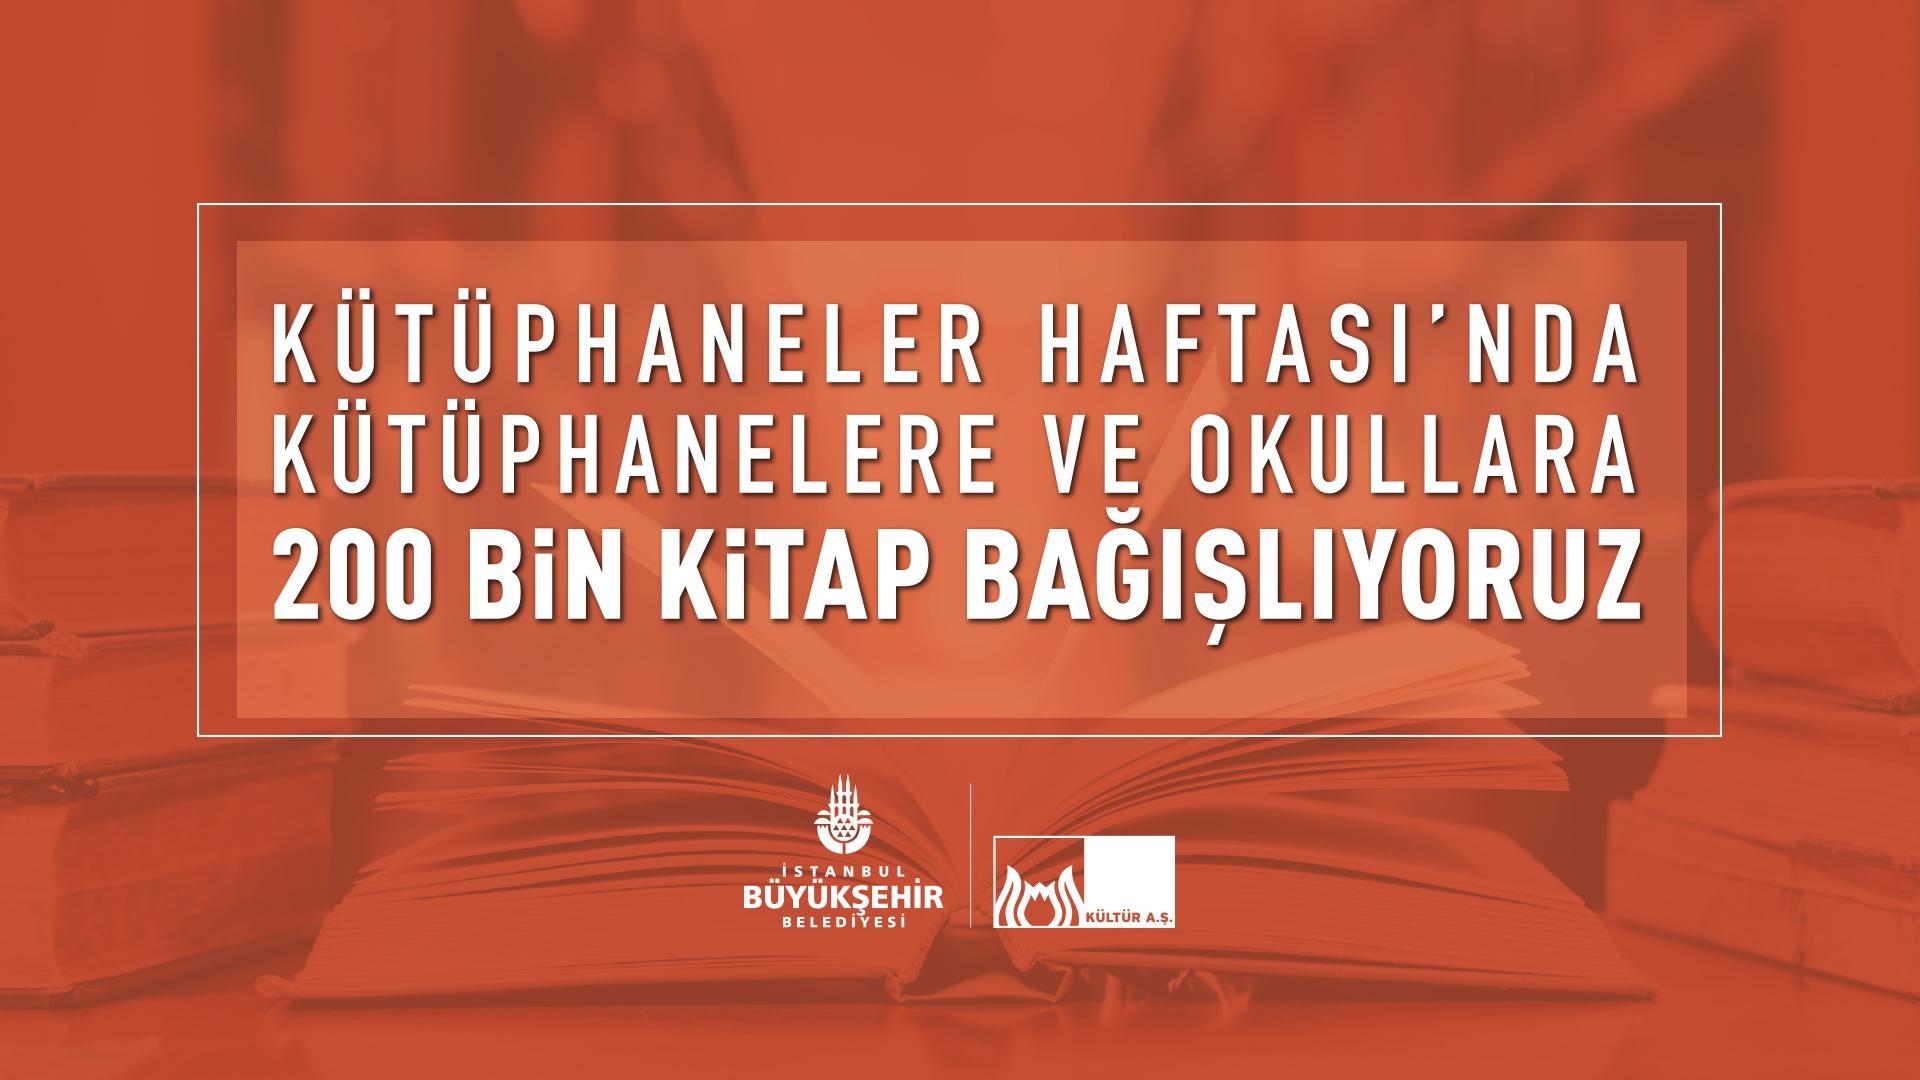 İBB'den kütüphanelere ve okullara 200 bin kitap hediye!